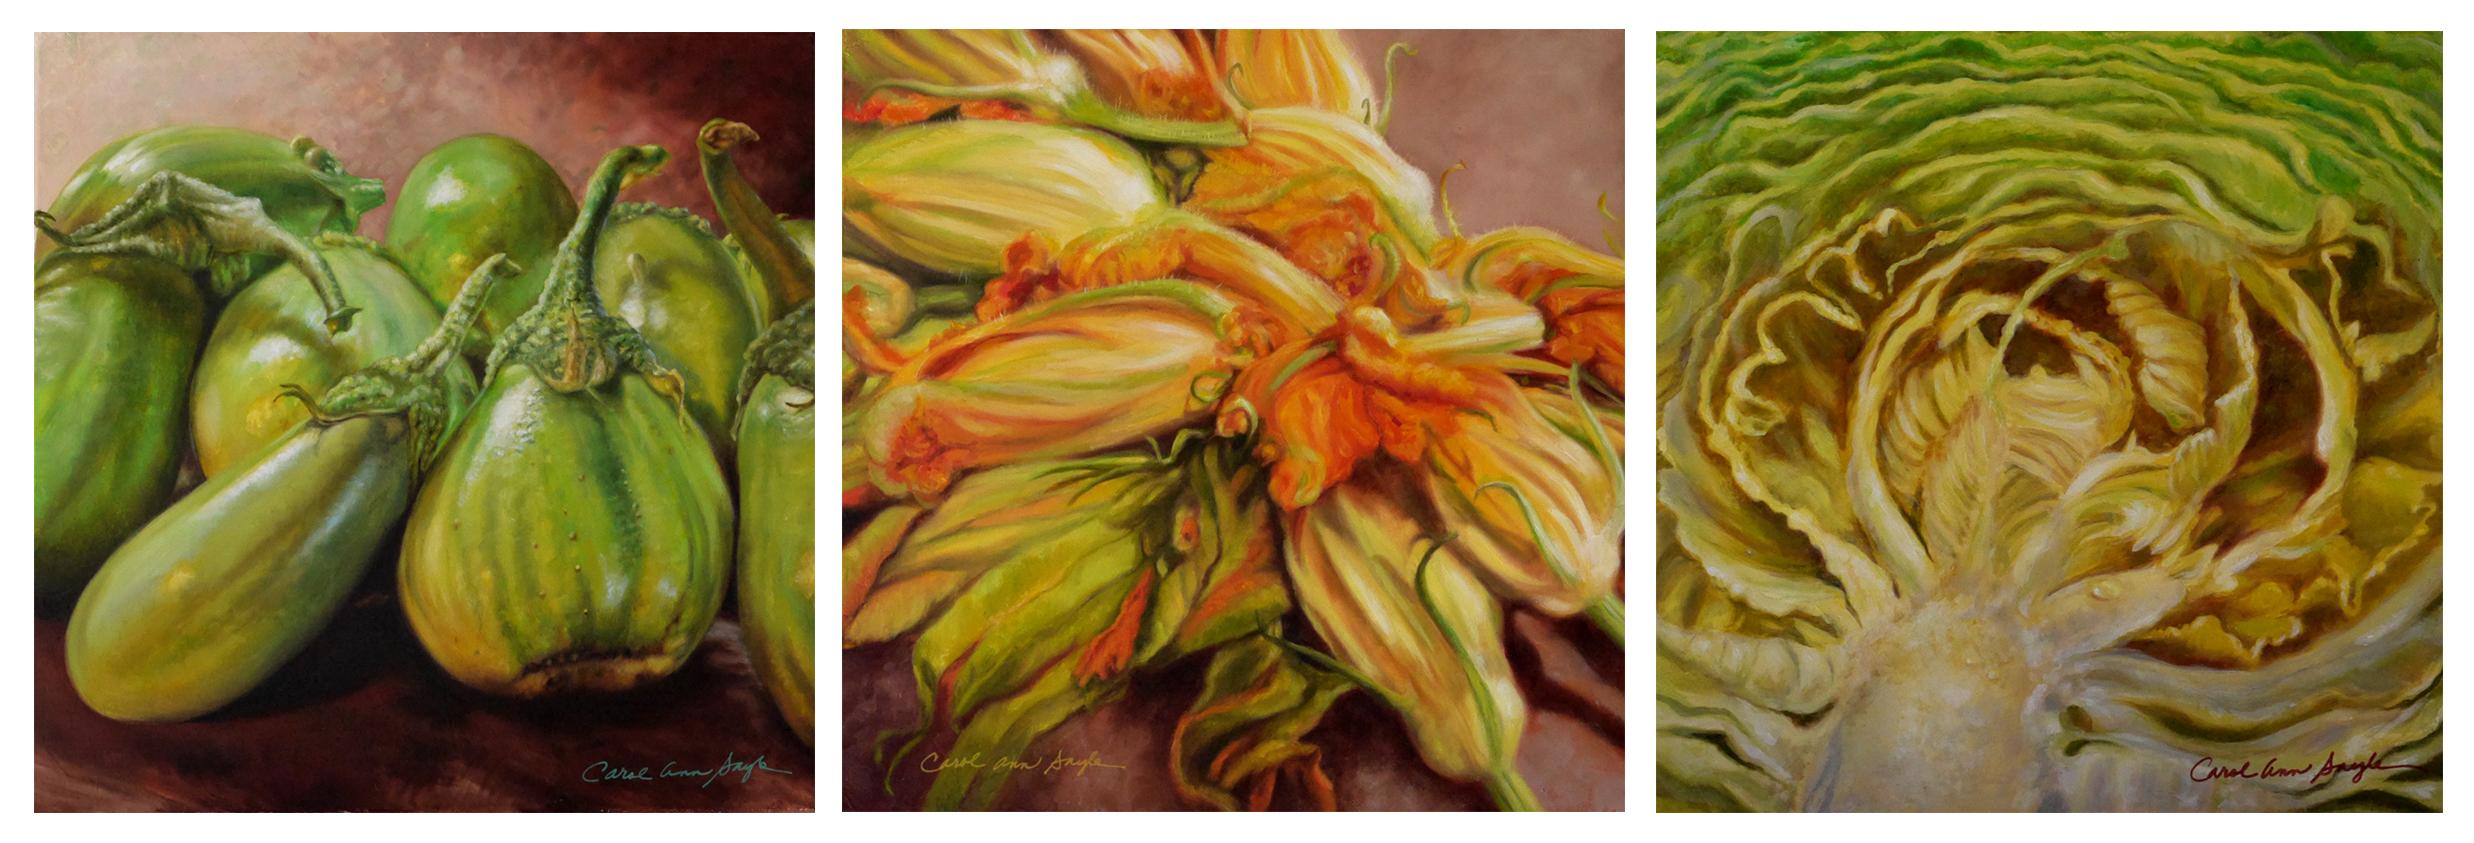 Farmer as ArtistAnnual Community Show - Paintings by Carol Ann Sayle